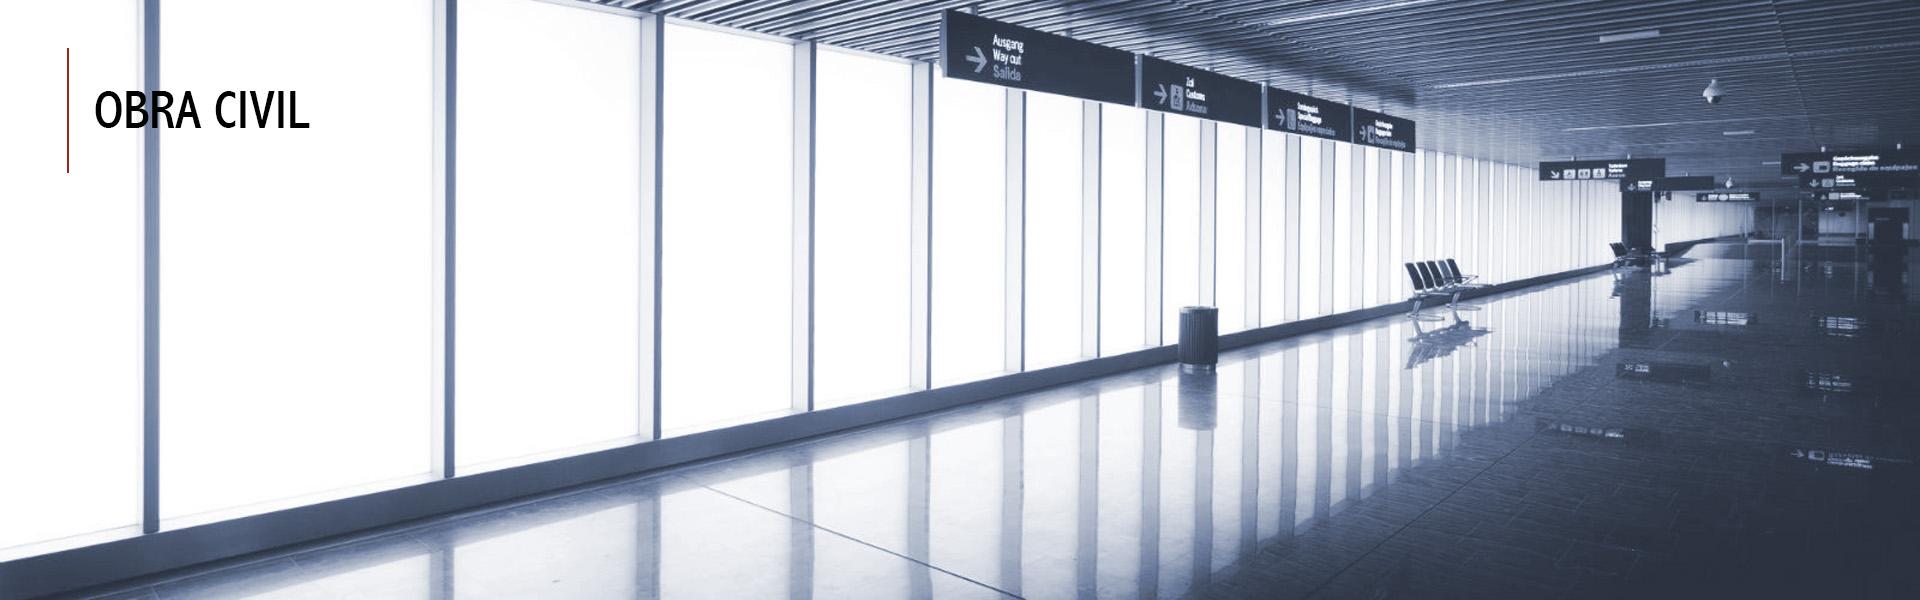 Gran Canaria - Nueva terminal del Aeropuerto